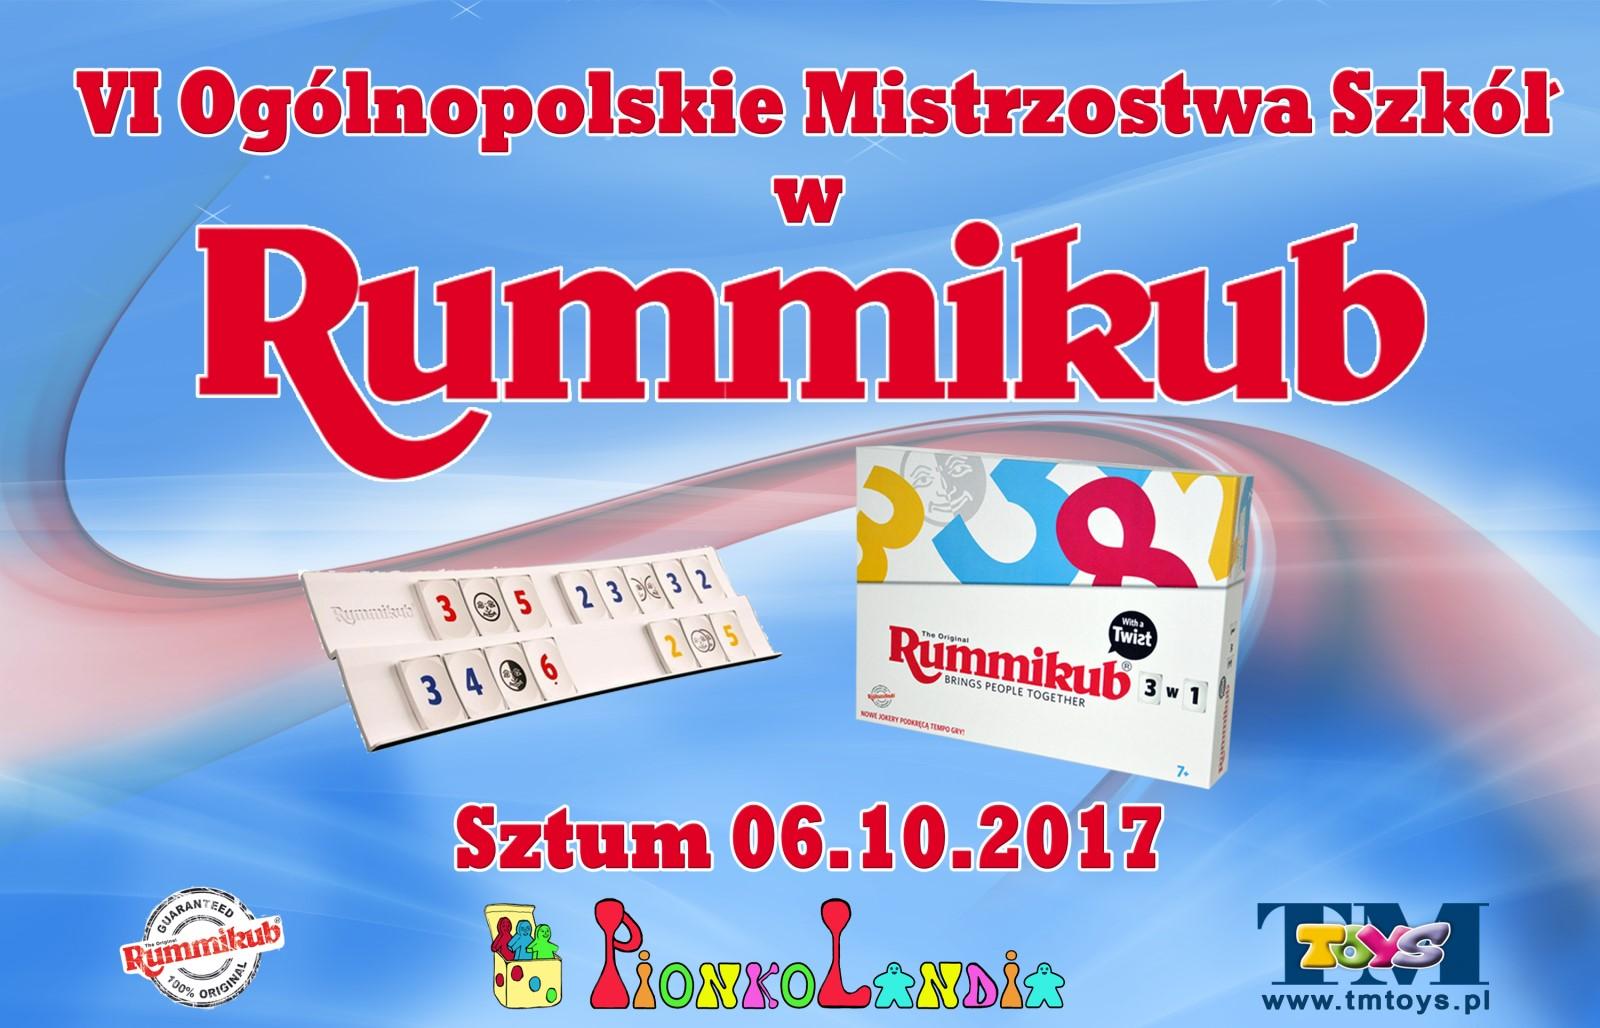 Mistrzostwa Polski Szkół w Rummikub